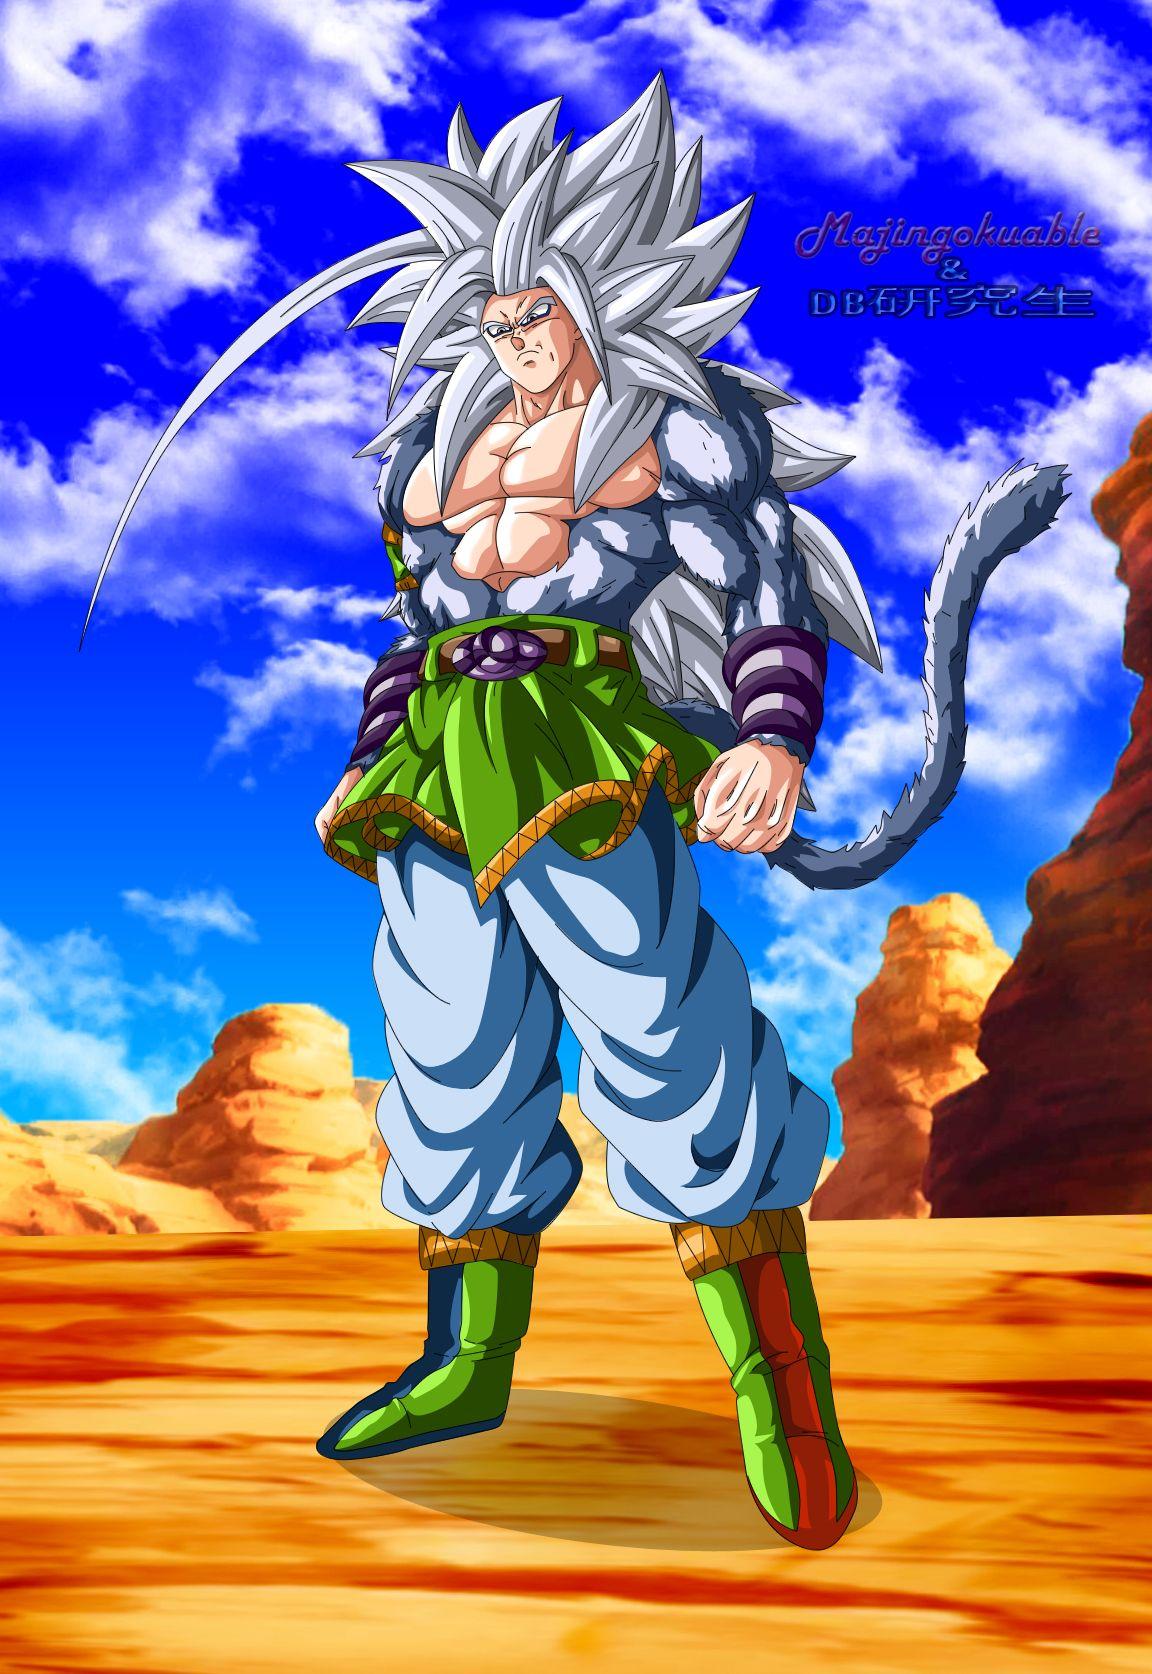 Goku Ssj5 By Majingokuable On Deviantart Goku Ssj 5 Goku